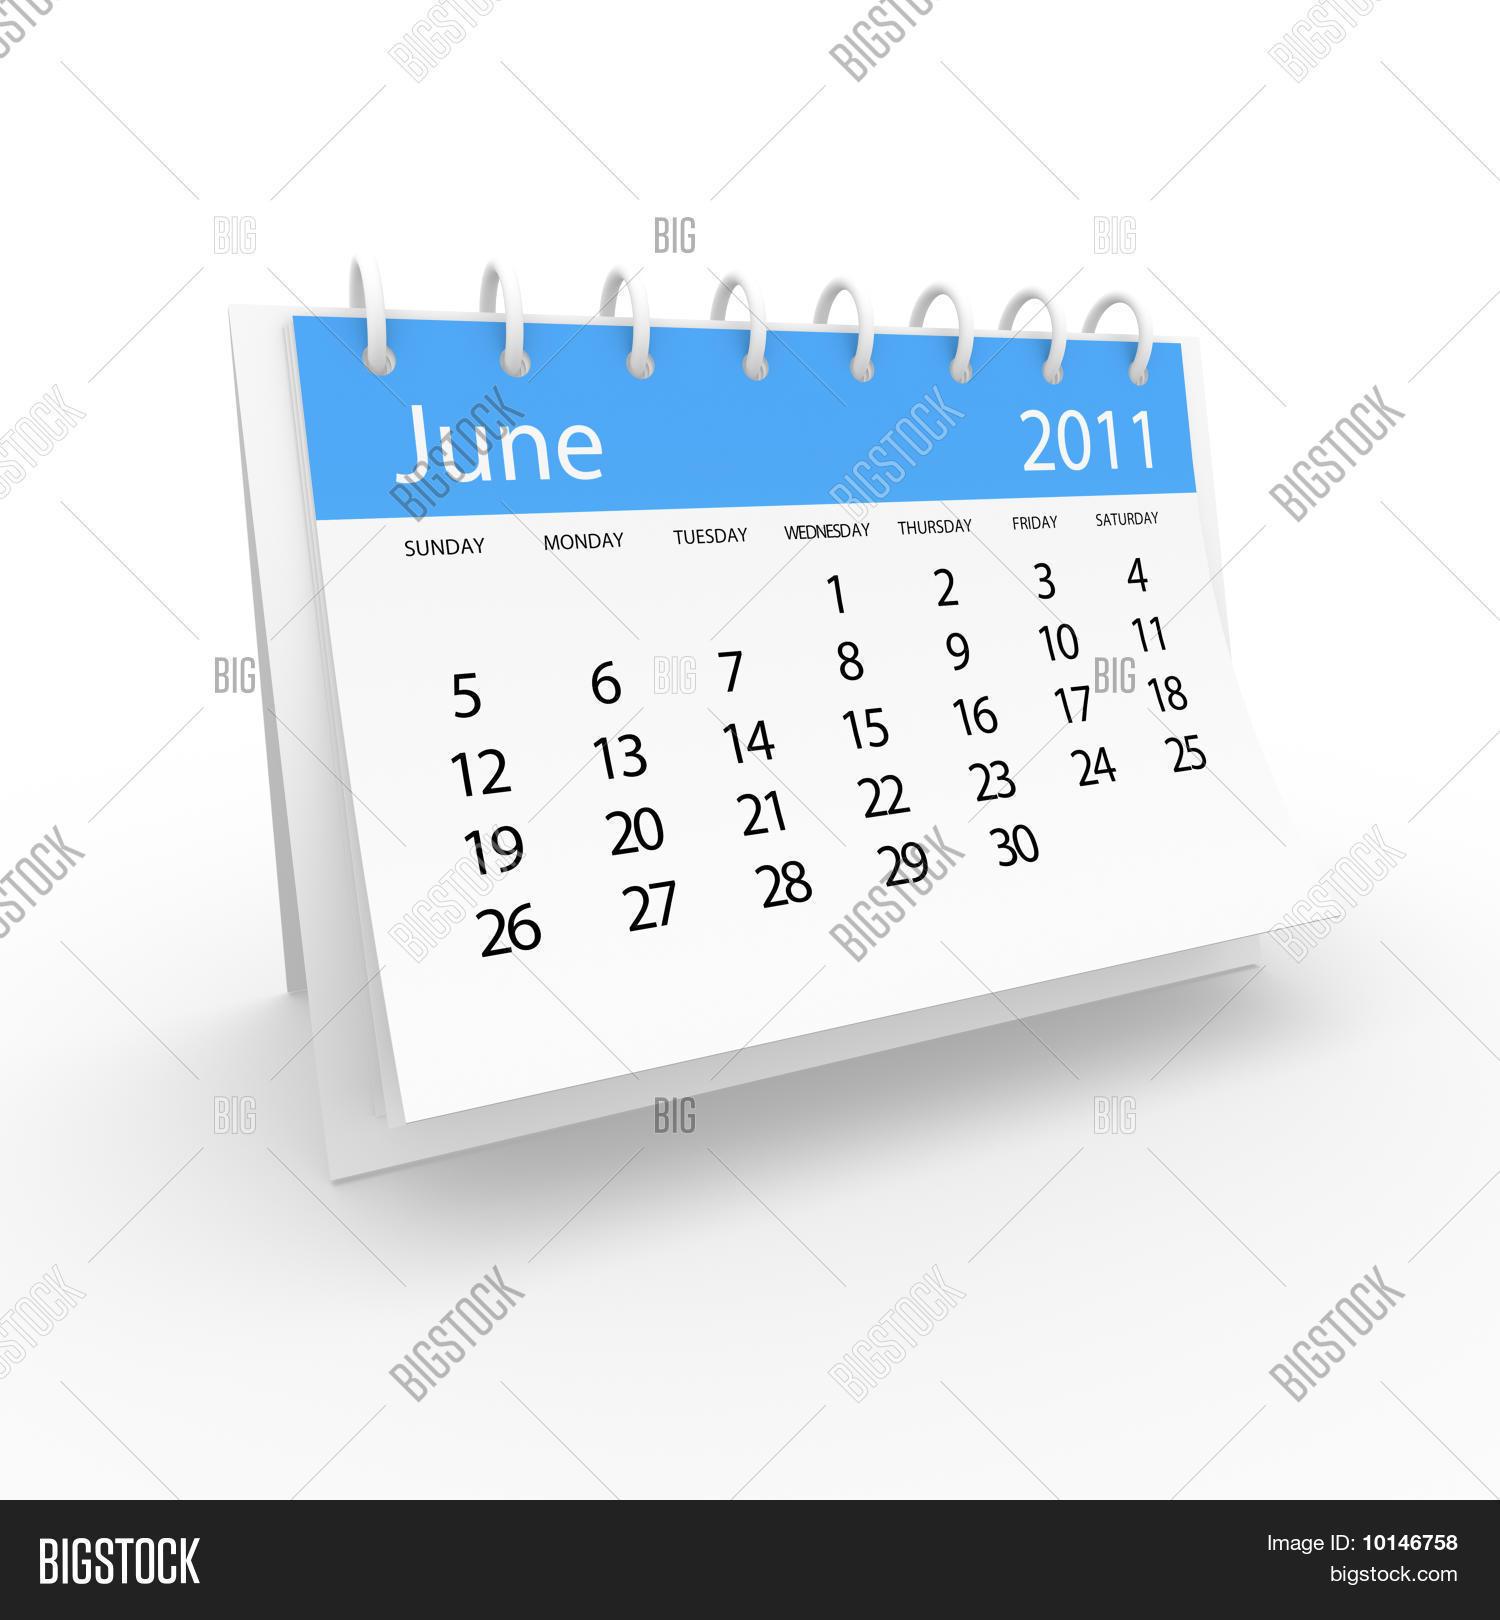 Calendar 2001 June Image & Photo (Free Trial) | Bigstock